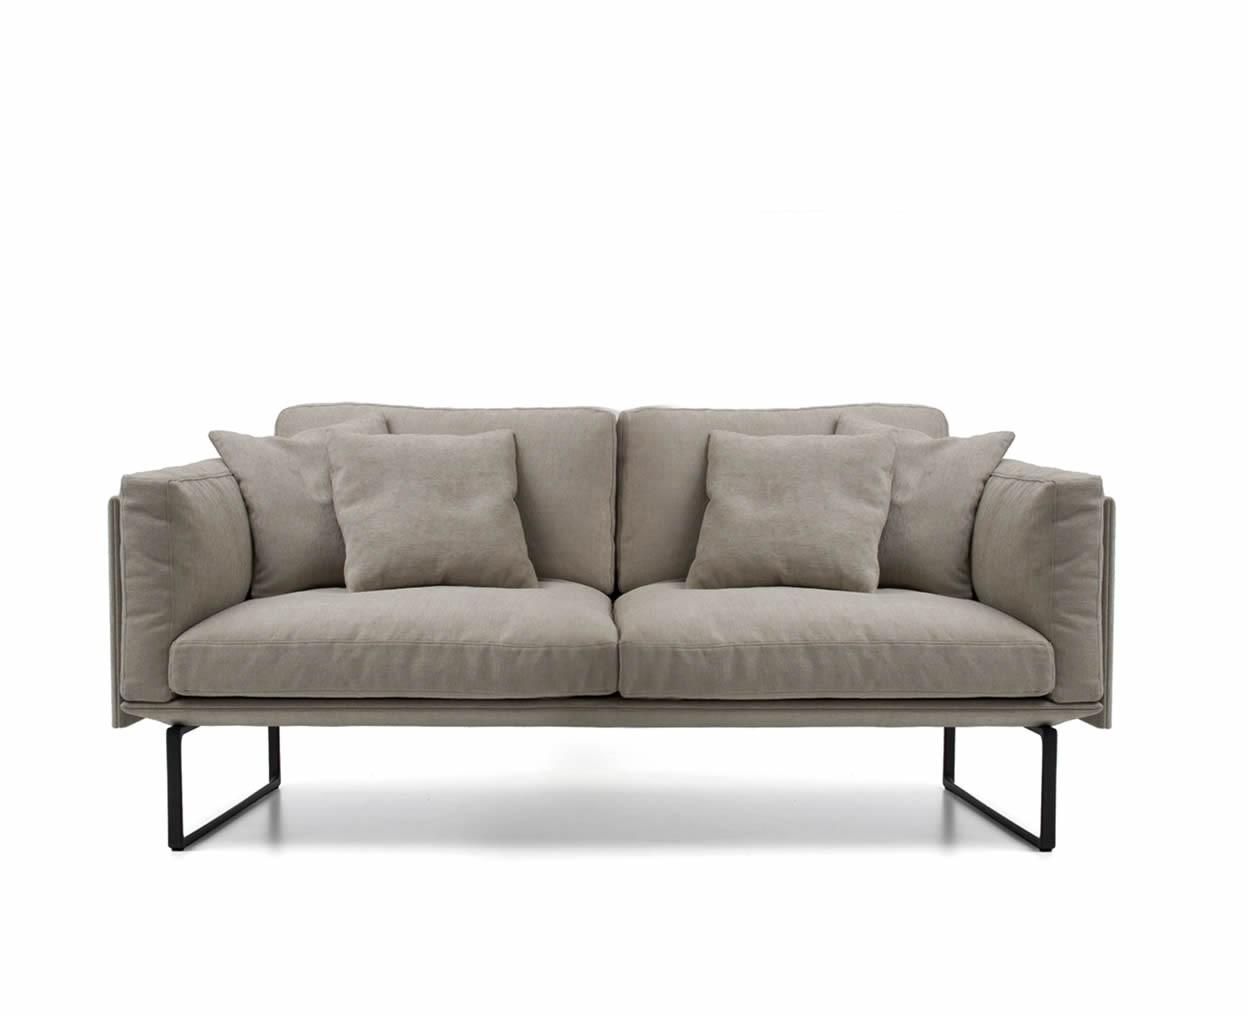 Full Size of Otto Sofa Angebot Sale Couch Angebote Big Mit Bettfunktion Sofatisch Ecksofa Cassina 8 Drifte Onlineshop Wohnlandschaft Polsterreiniger Liege Günstig Kaufen Wohnzimmer Otto Sofa